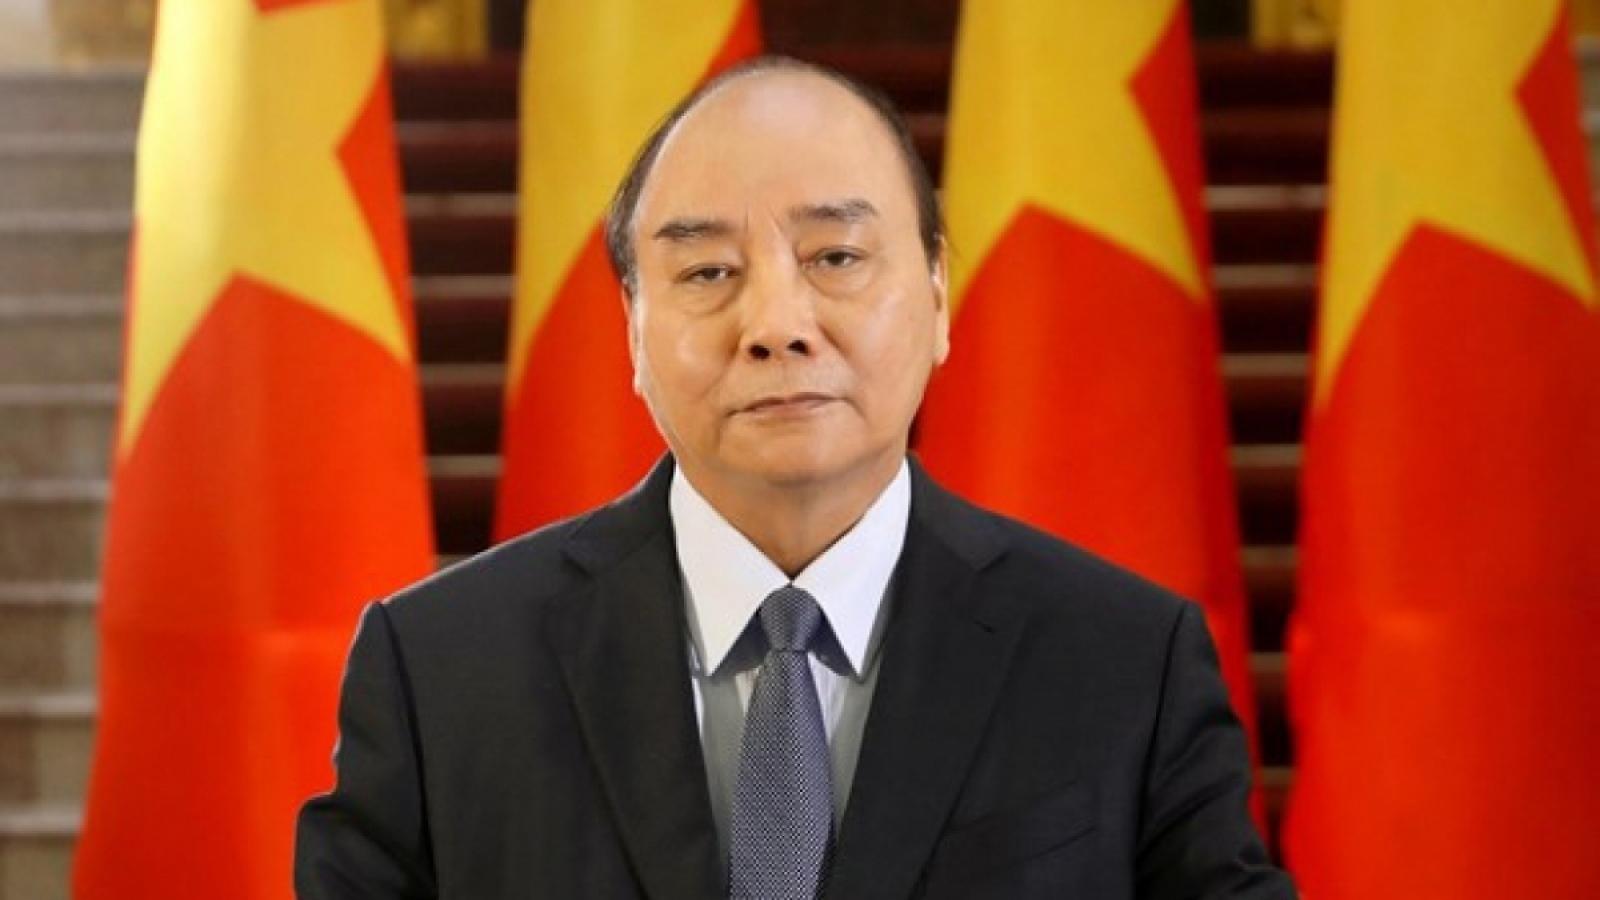 Chủ tịch nước gửi thư tới Thủ tướng Nhật Bản chúc mừng về sự kiện Olympic